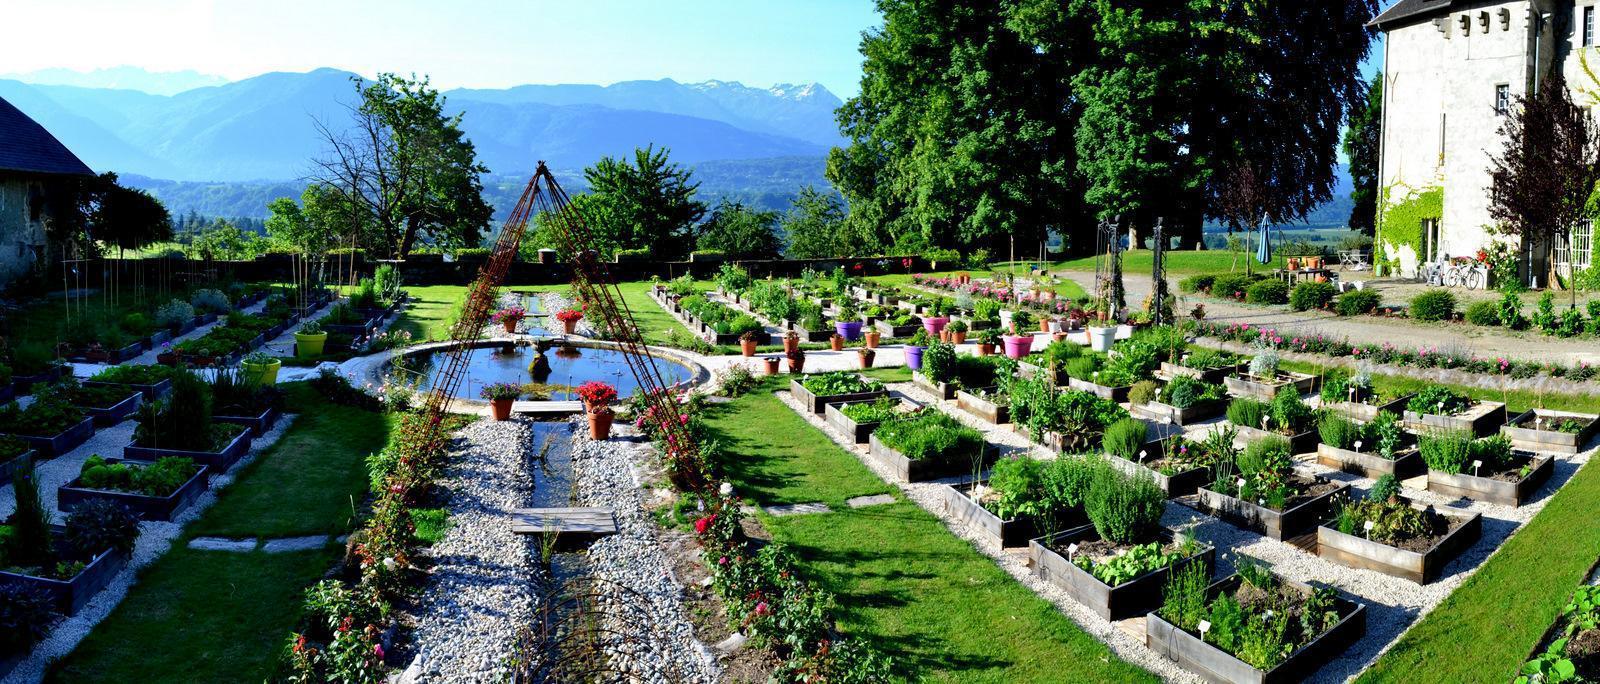 Parcs jardins botaniques arboretums savoie 73 page 2 - Jardin potager bio saint denis ...